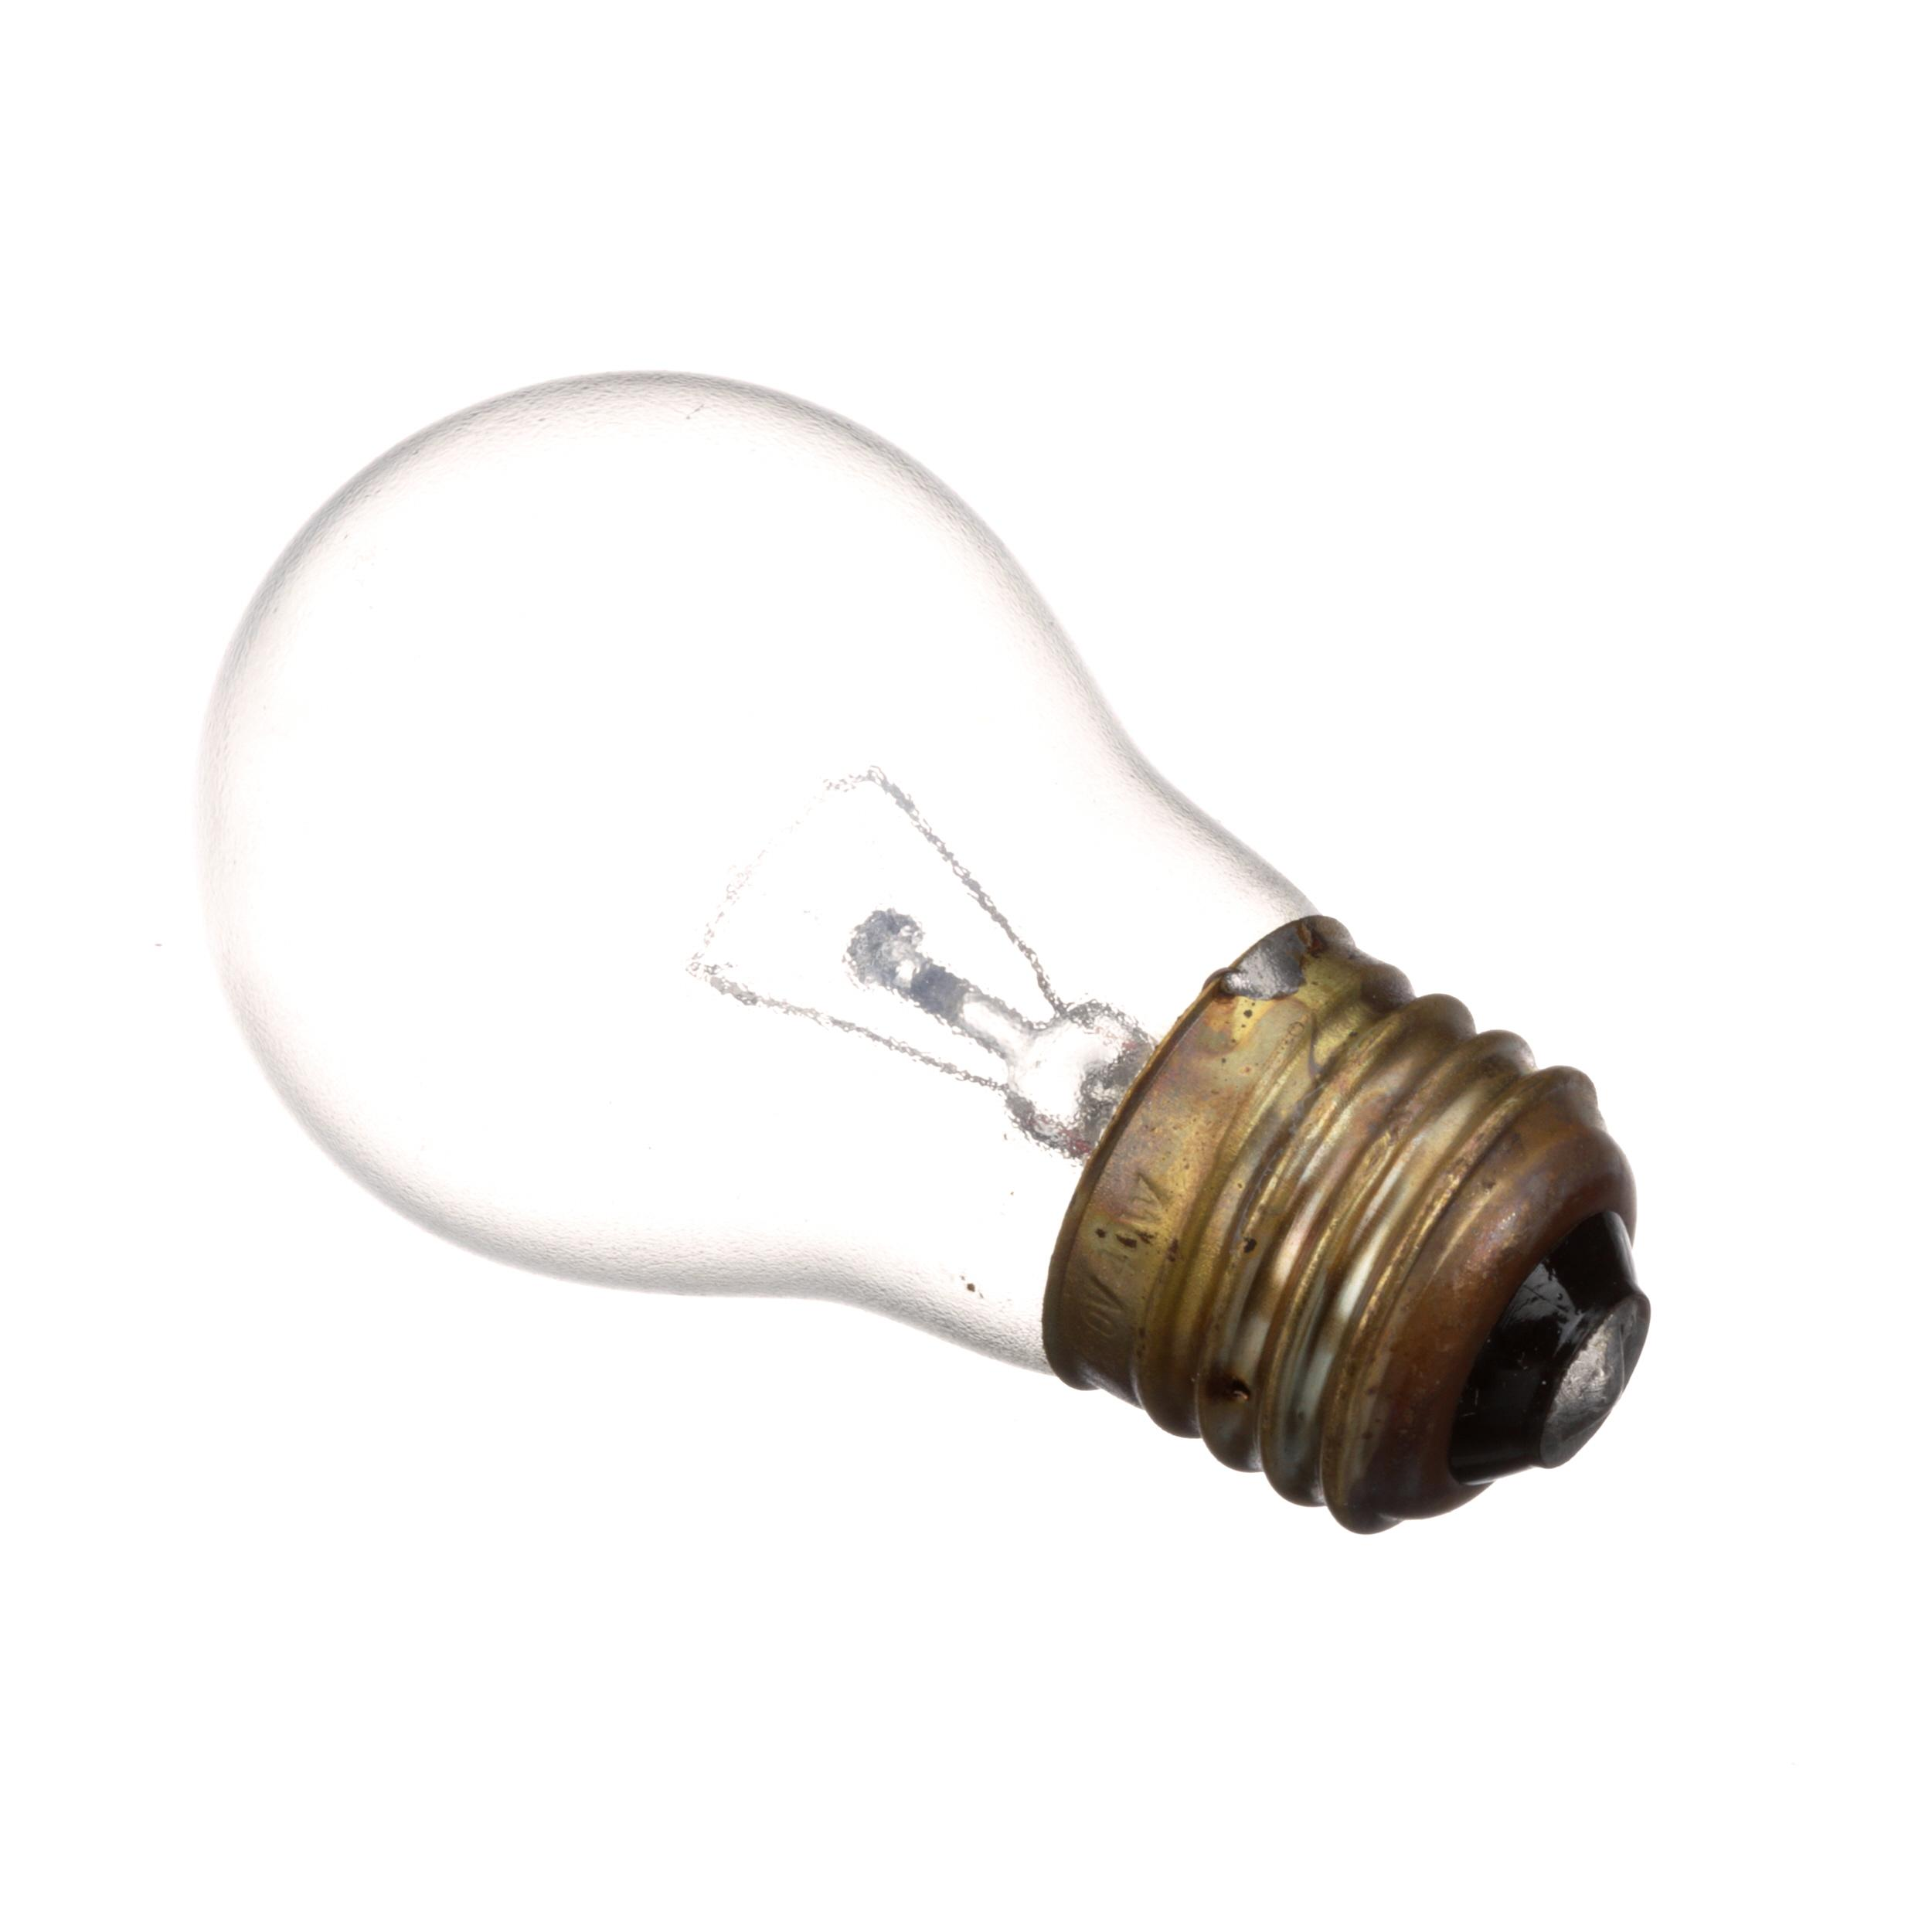 Blodgett Light Bulb 50w 250v Part 15637